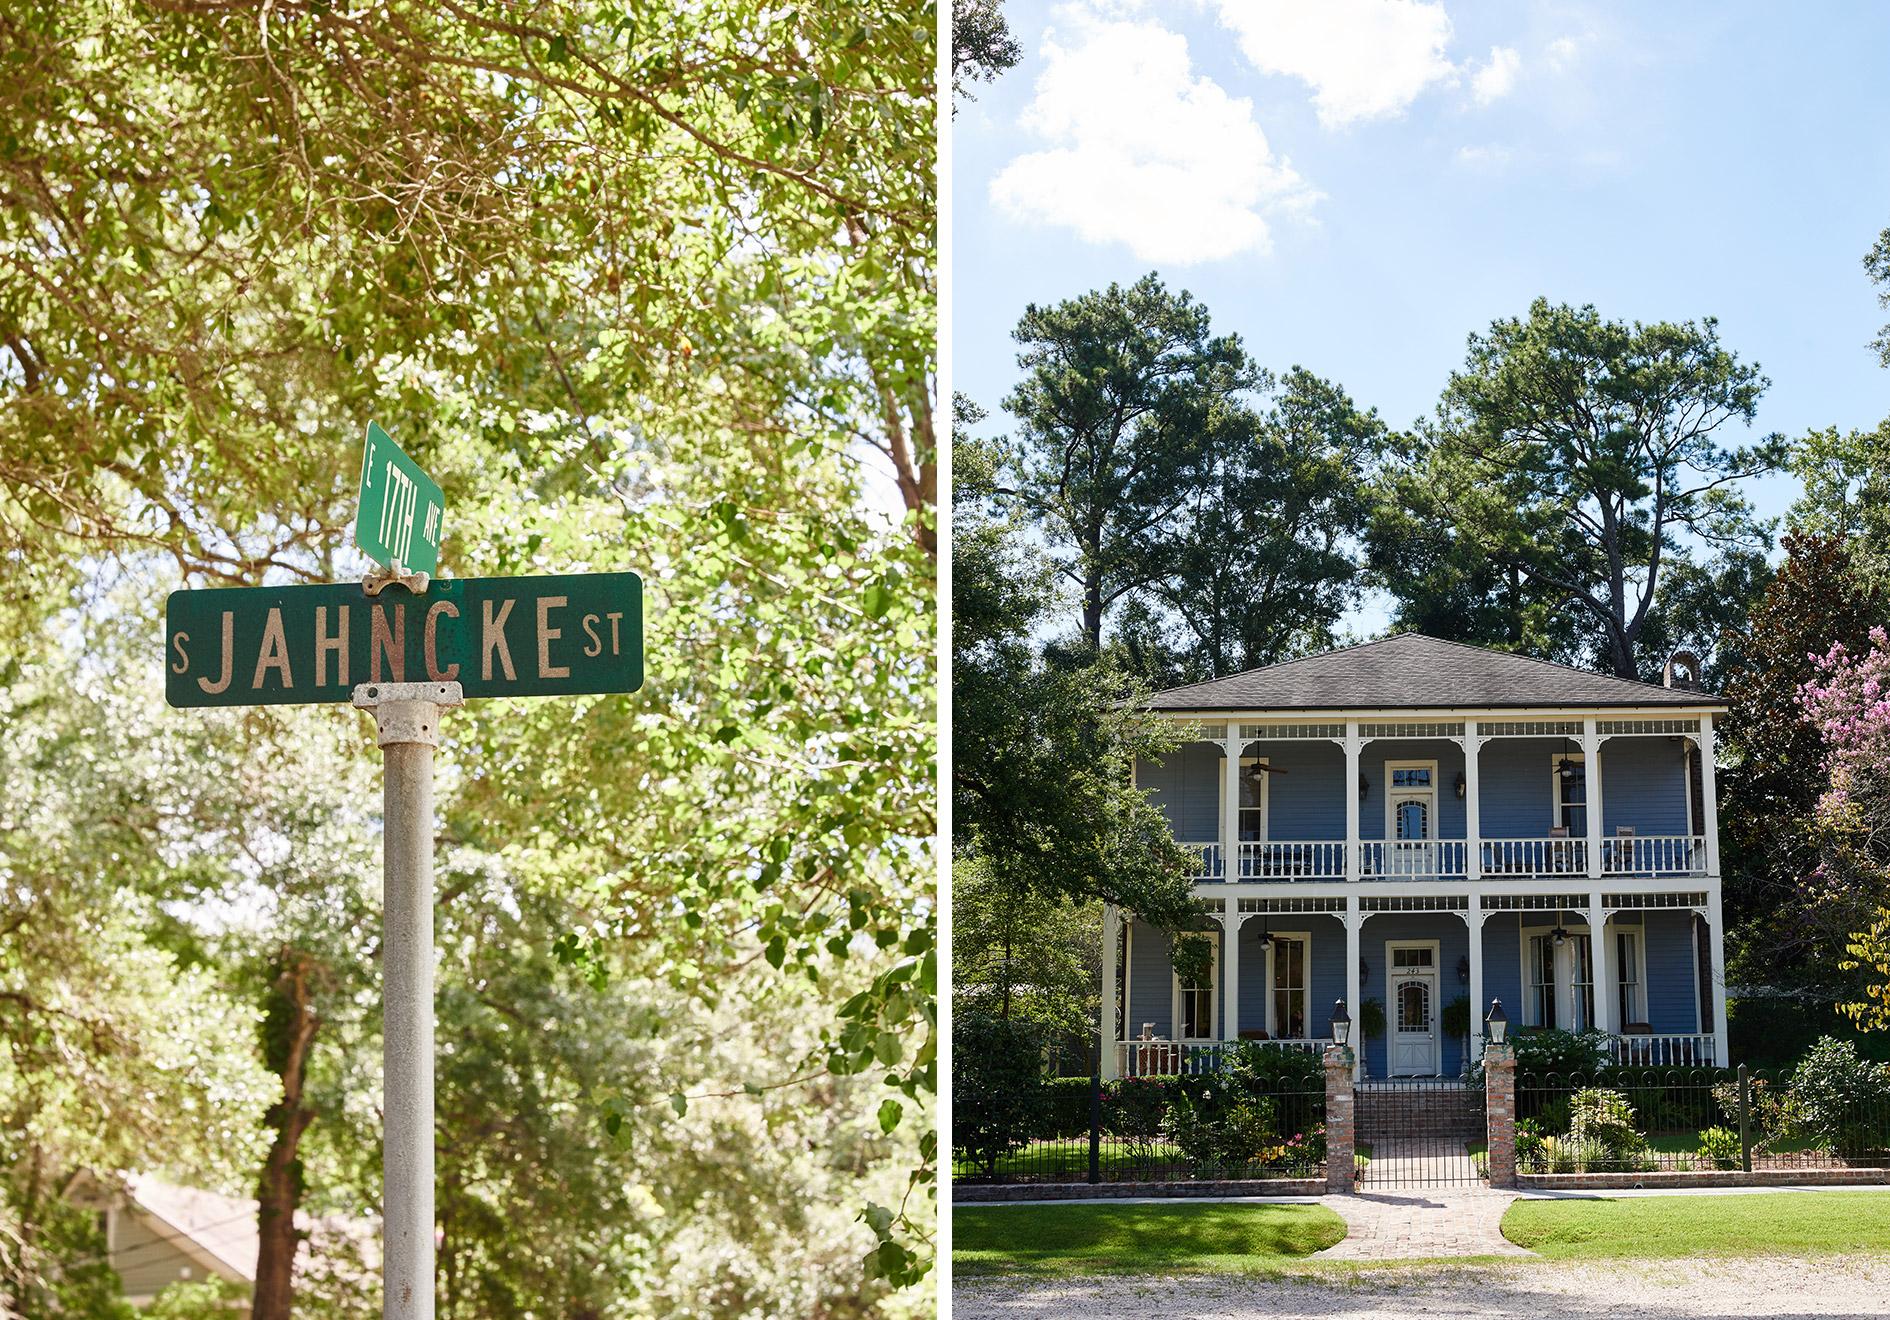 Jahncke St.